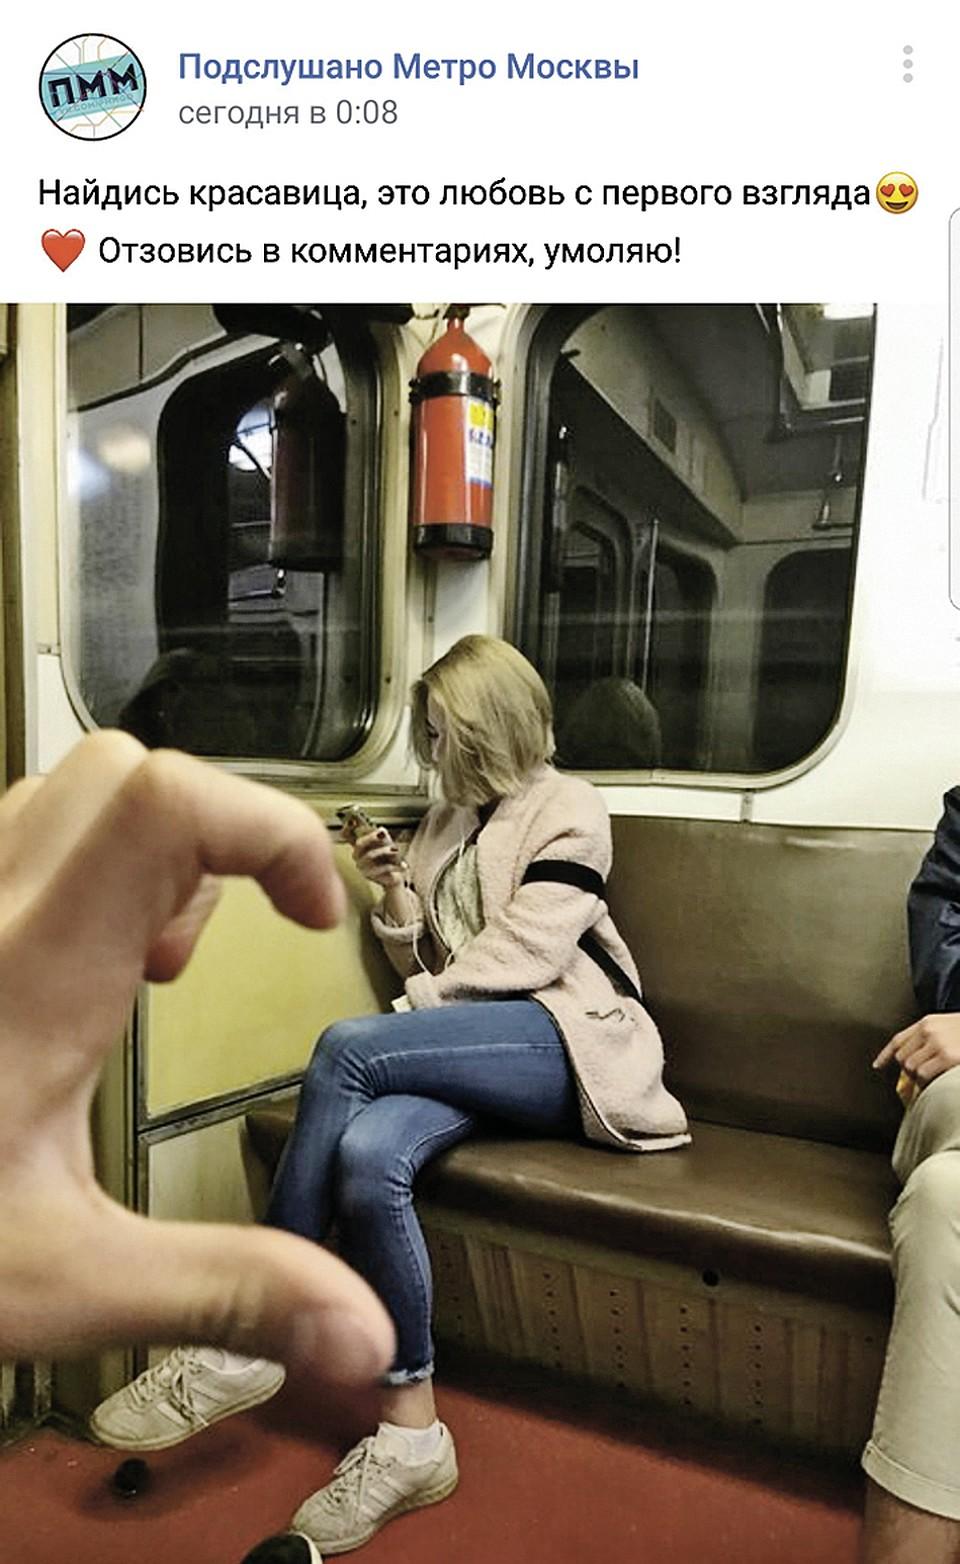 постепенно такой почему в метро нельзя фотографировать процессе